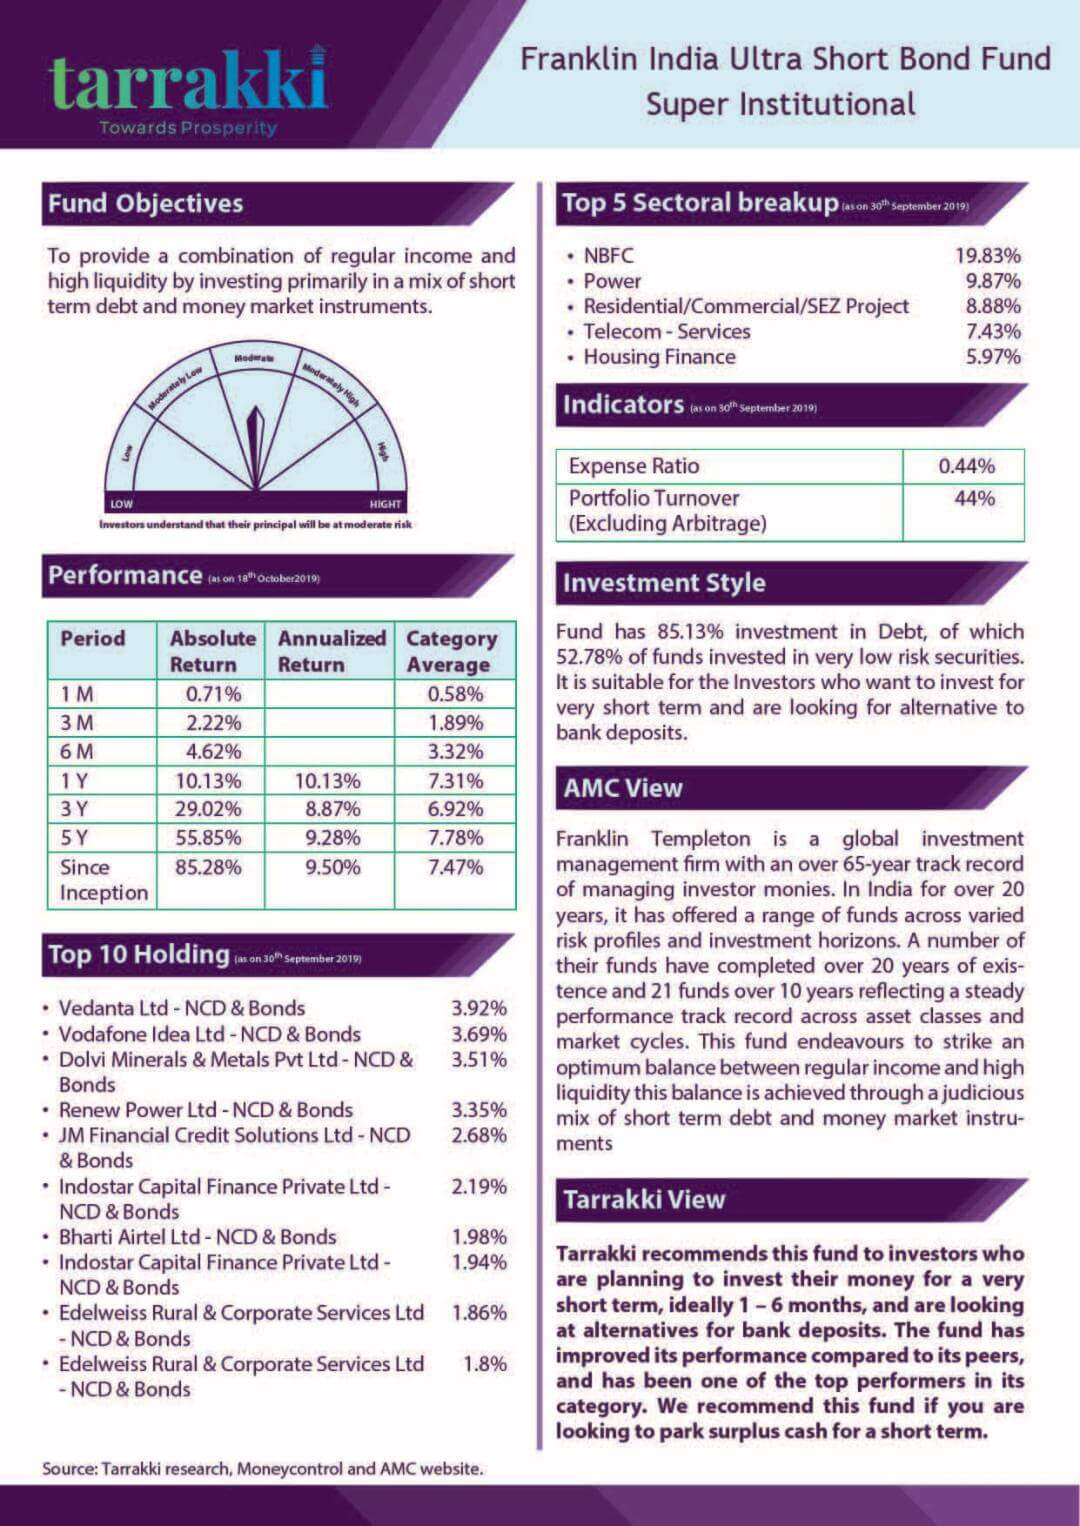 Franklin India Ultra Short Bond Fund